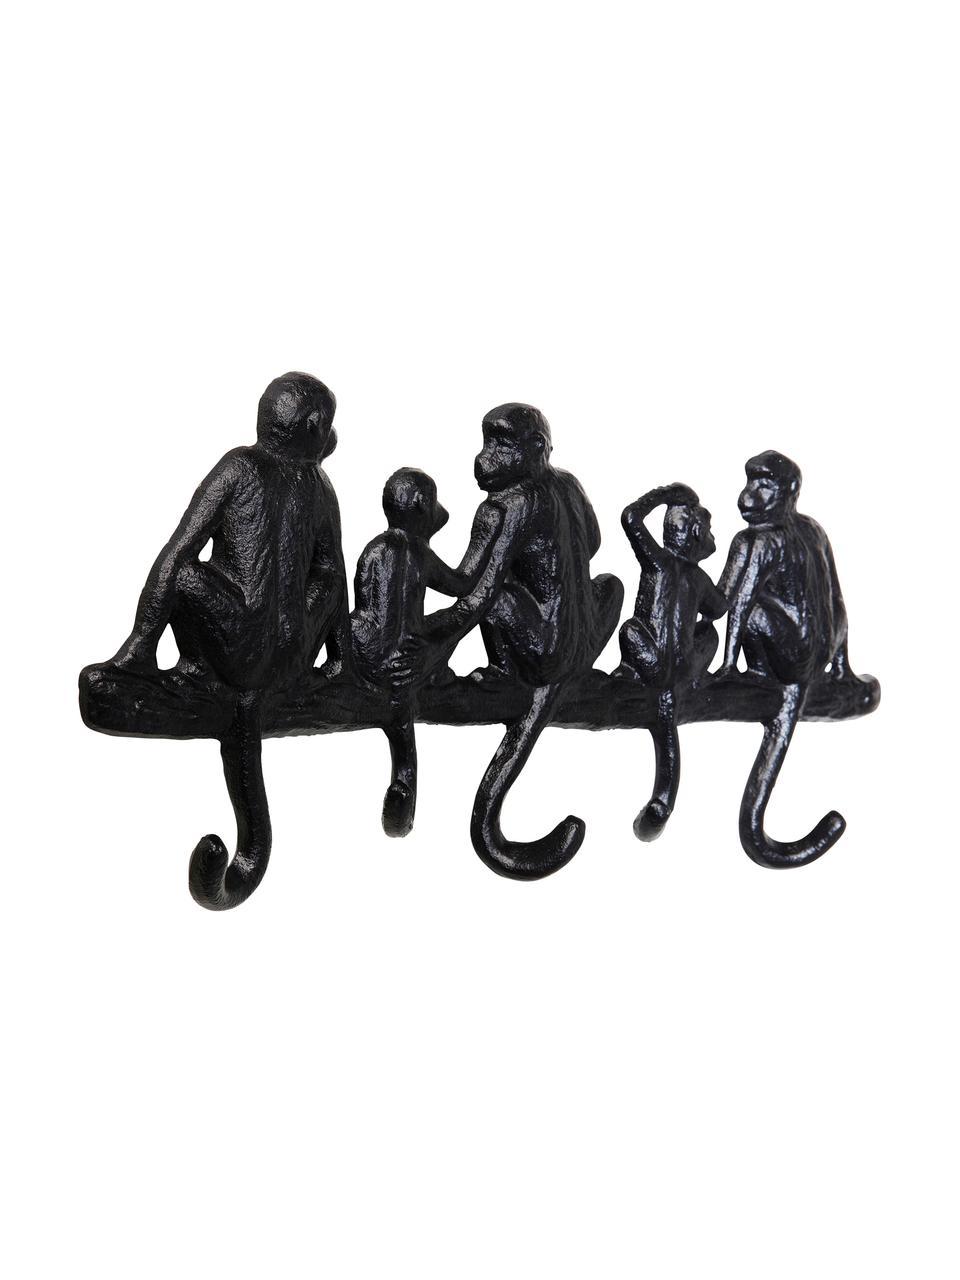 Kleine wandkapstok Monkey in zwart, Gepoedercoat metaal, Zwart, 31 x 14 cm